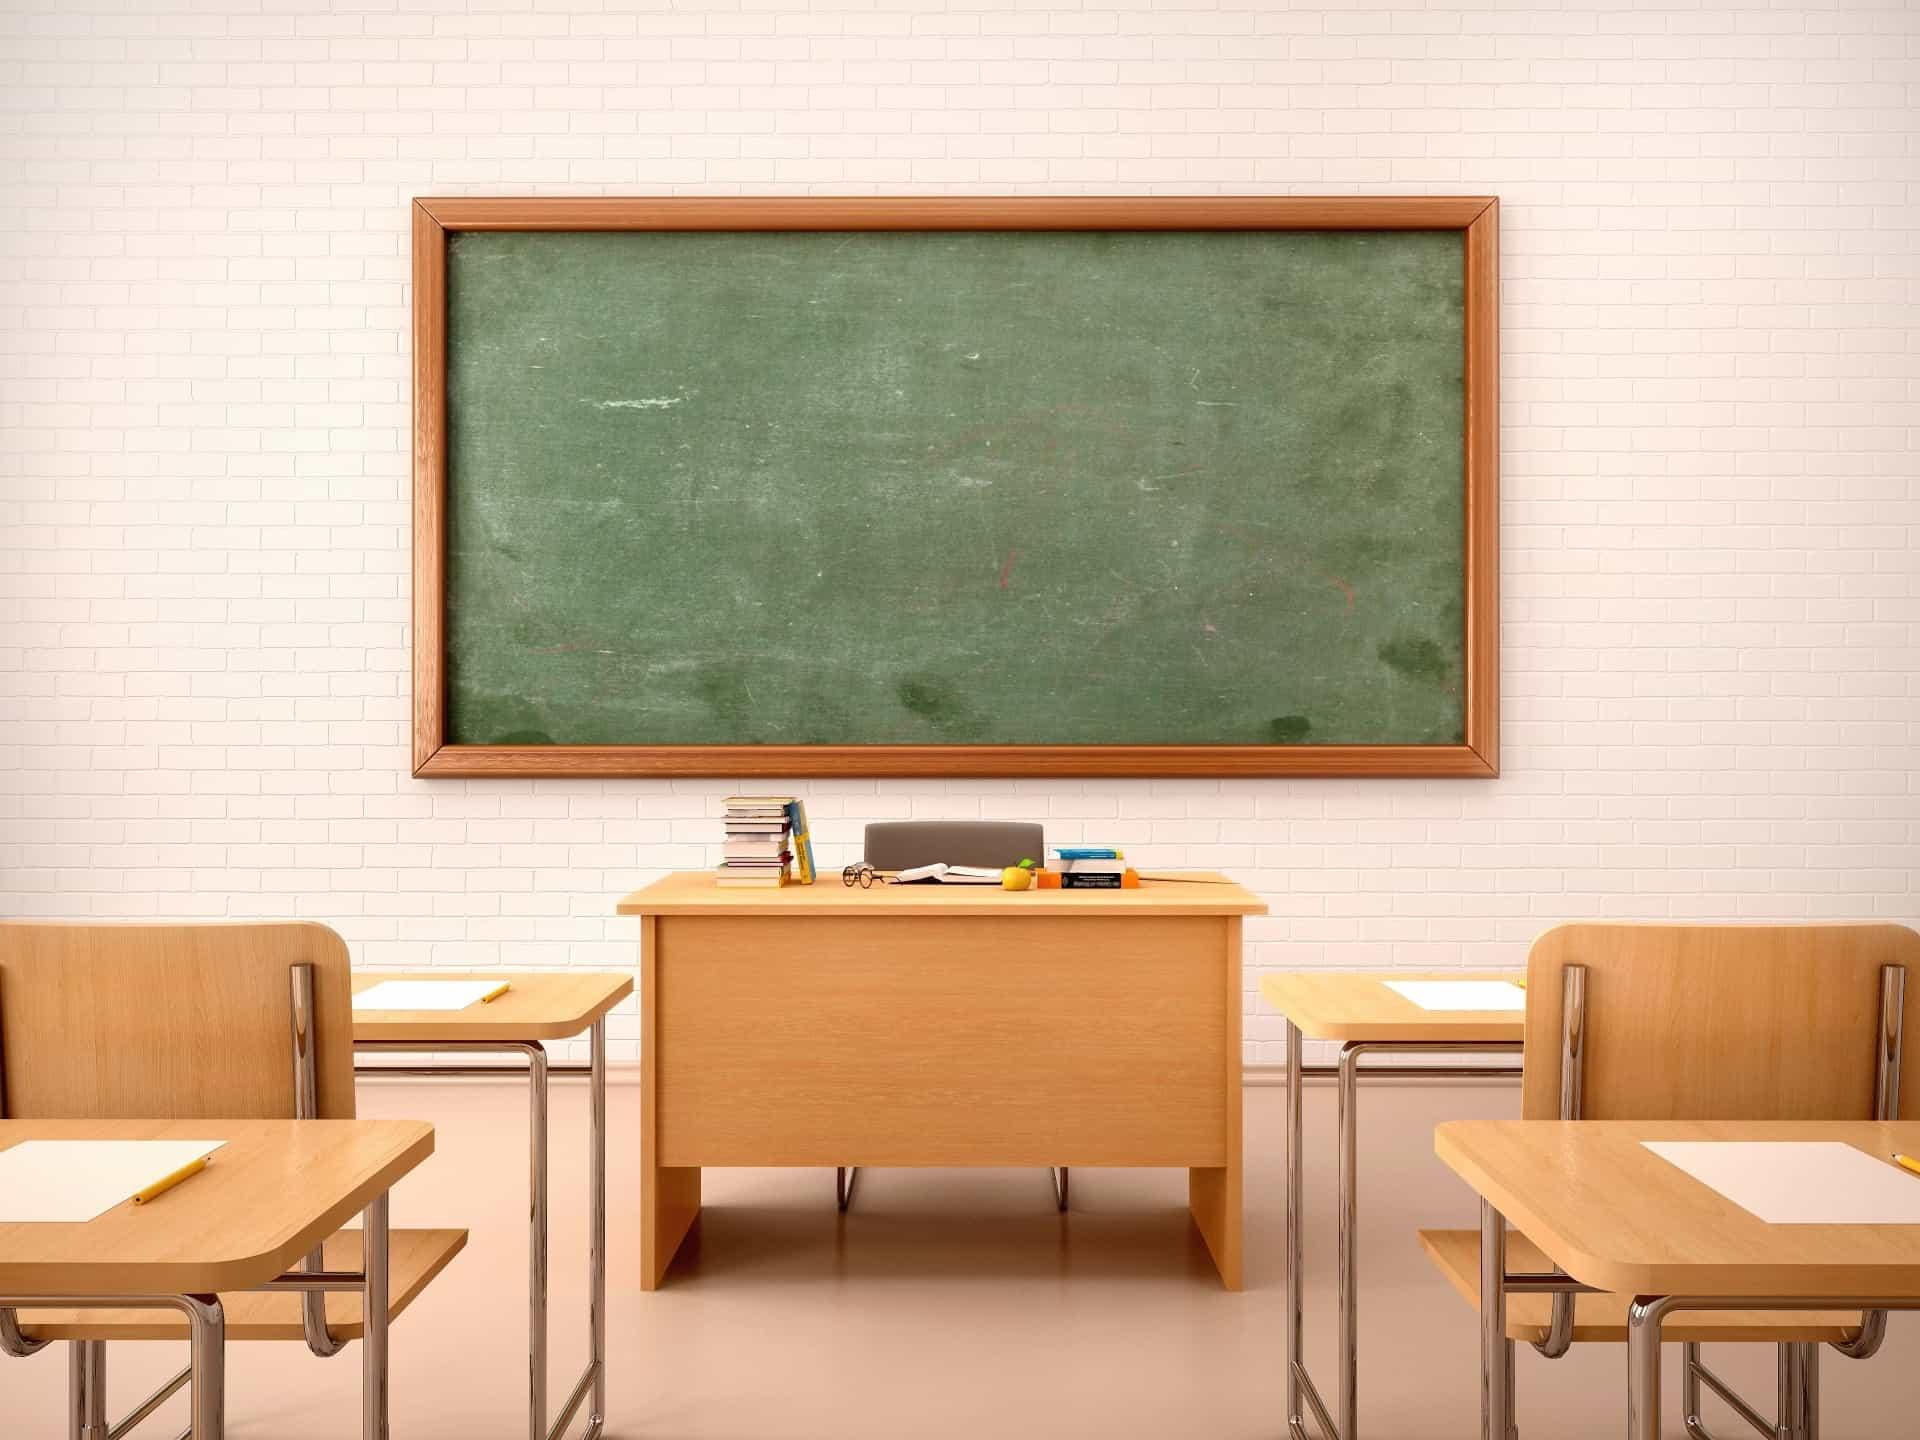 Las Vegas Education | Las Vegas, Nevada Real Estate